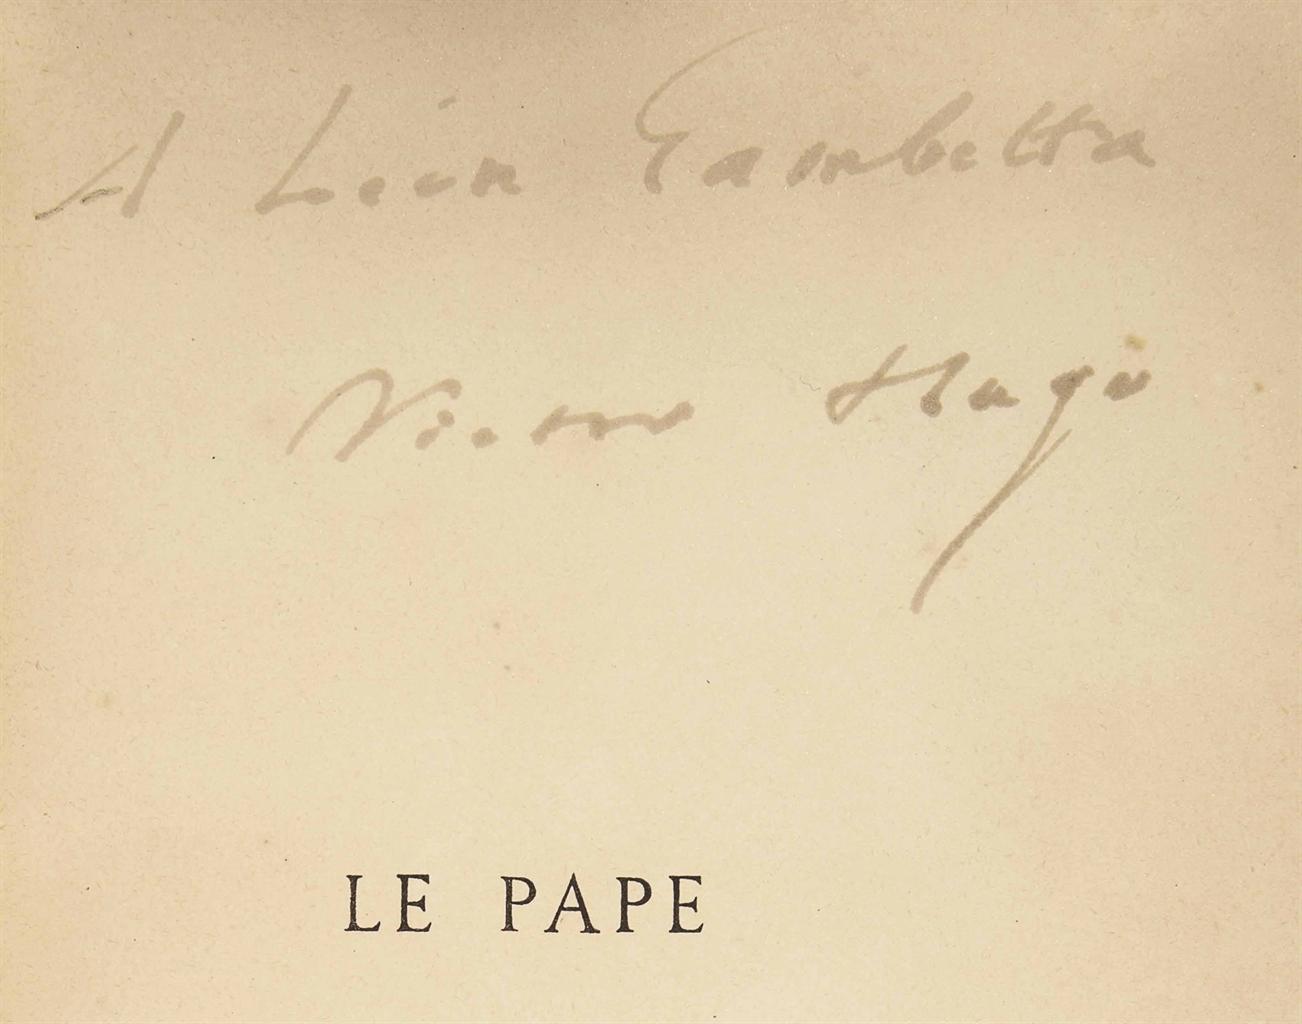 Victor HUGO (1802-1885). Le Pape. Paris: Calmann Lévy, 1878. In-8 (232 x 147 mm). Reliure du XXe siècle signée de Devauchelle, demi-maroquin rouge à coins, dos à nerfs orné, tête dorée, couverture conservée sans le dos.